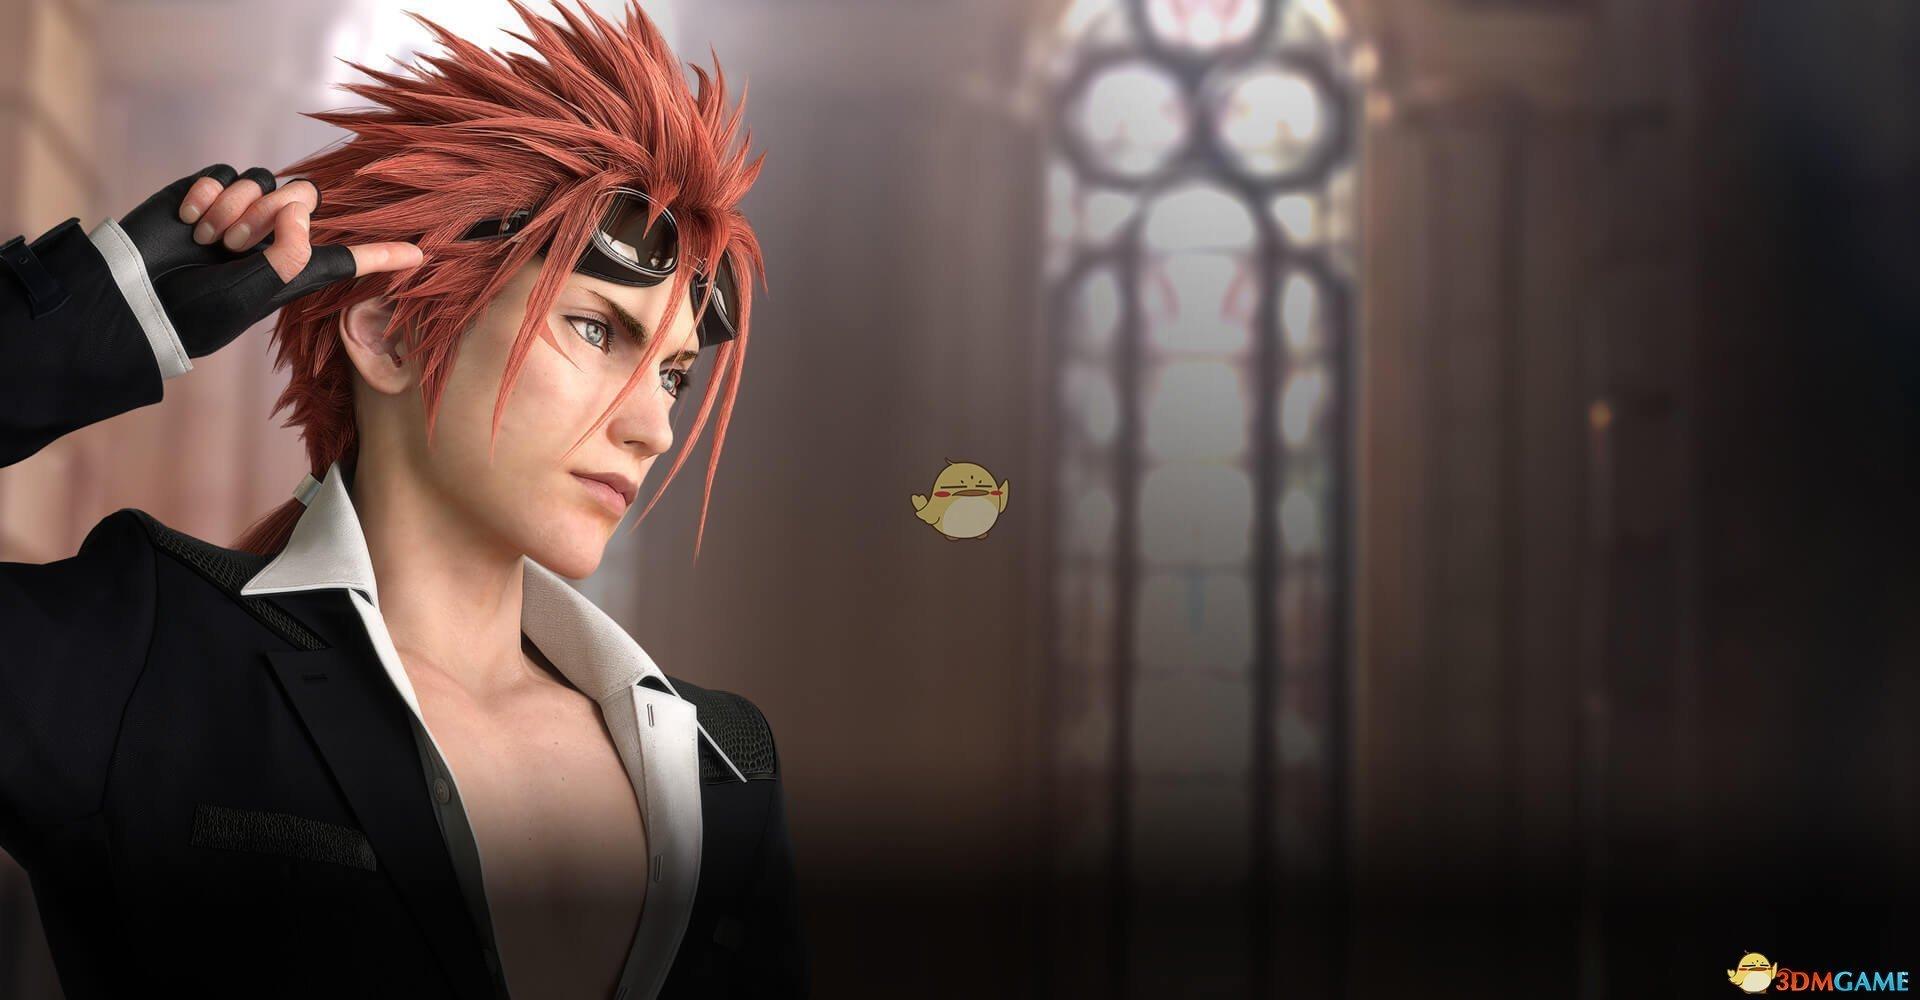 最终幻想7重制版雷诺角色信息介绍_FF雷诺配音一览_单机